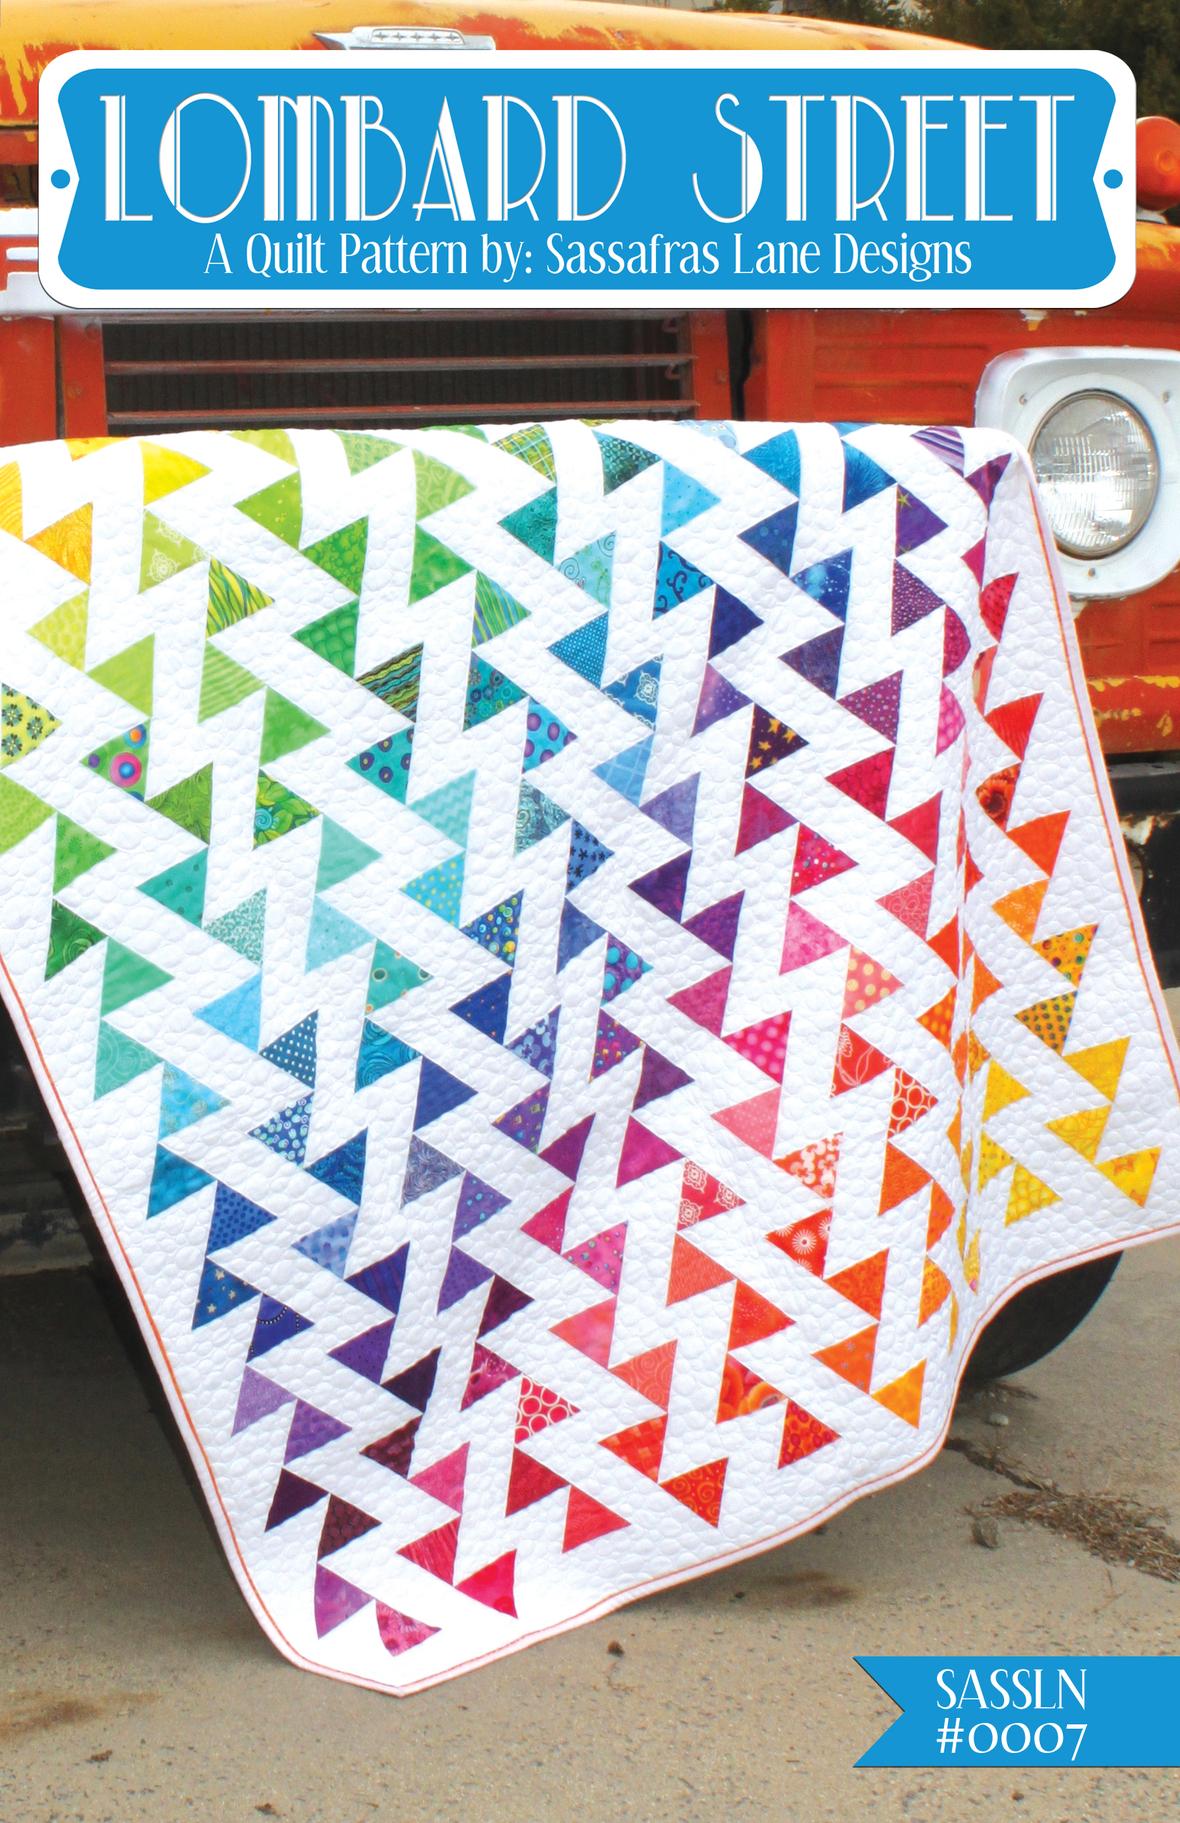 sassafras lane designs lombard street sewing pattern